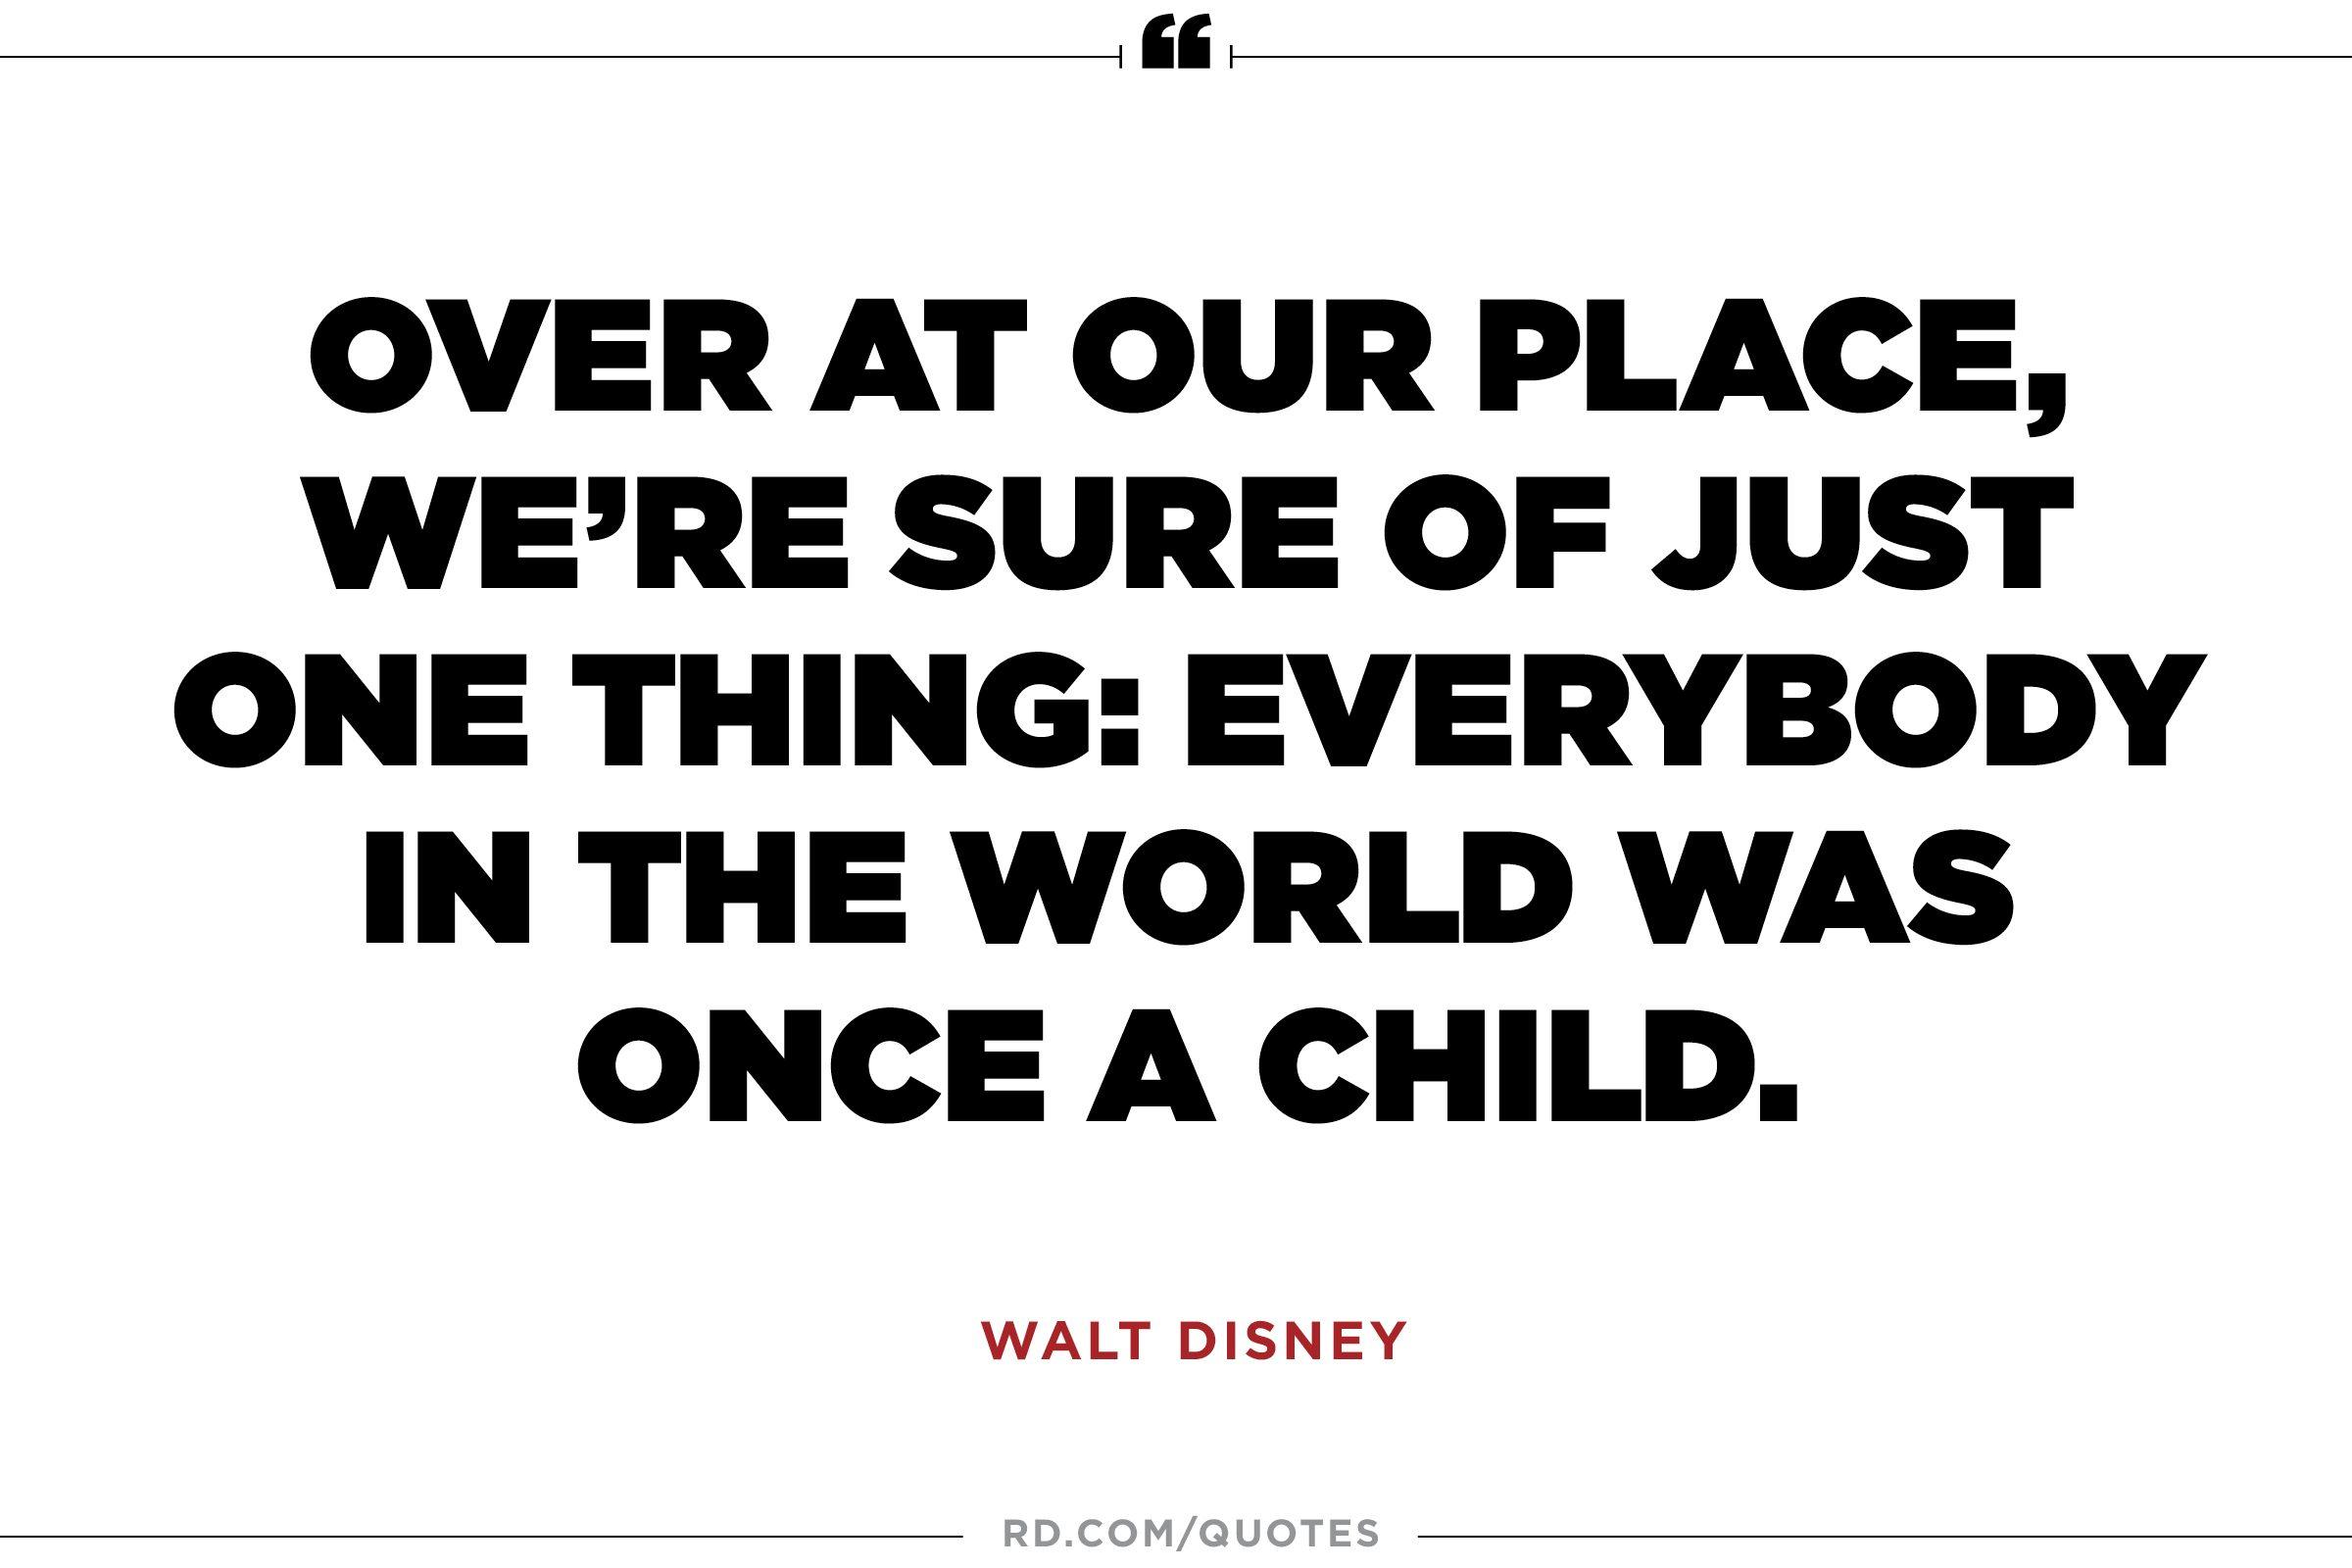 11 Inspiring Walt Disney Quotes